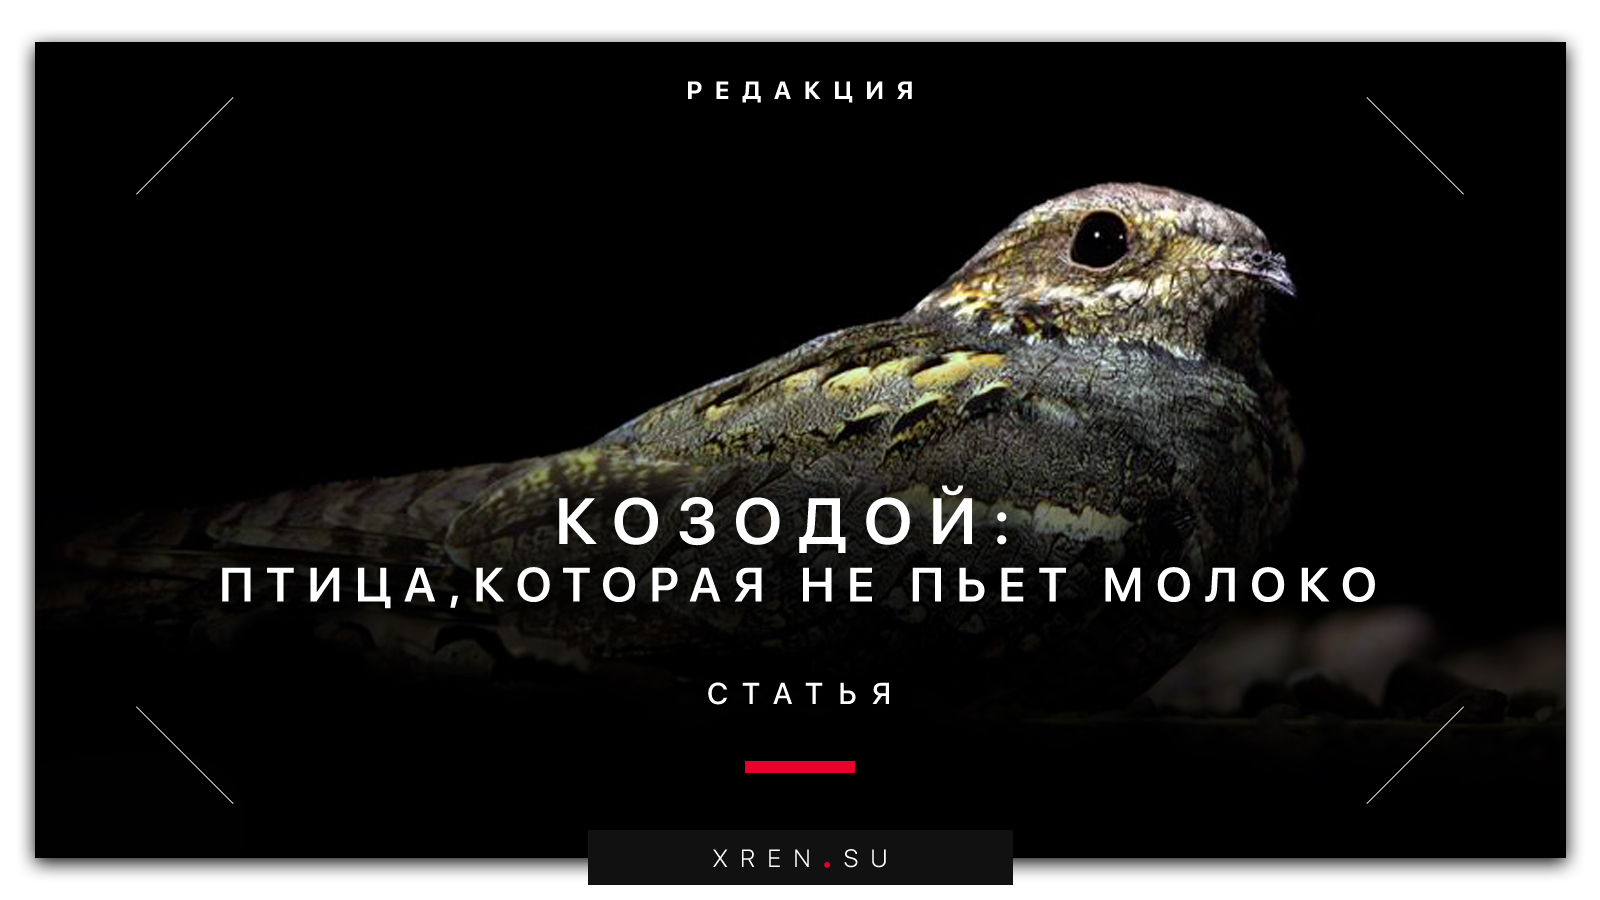 Козодой: птица, которая не пьет молоко